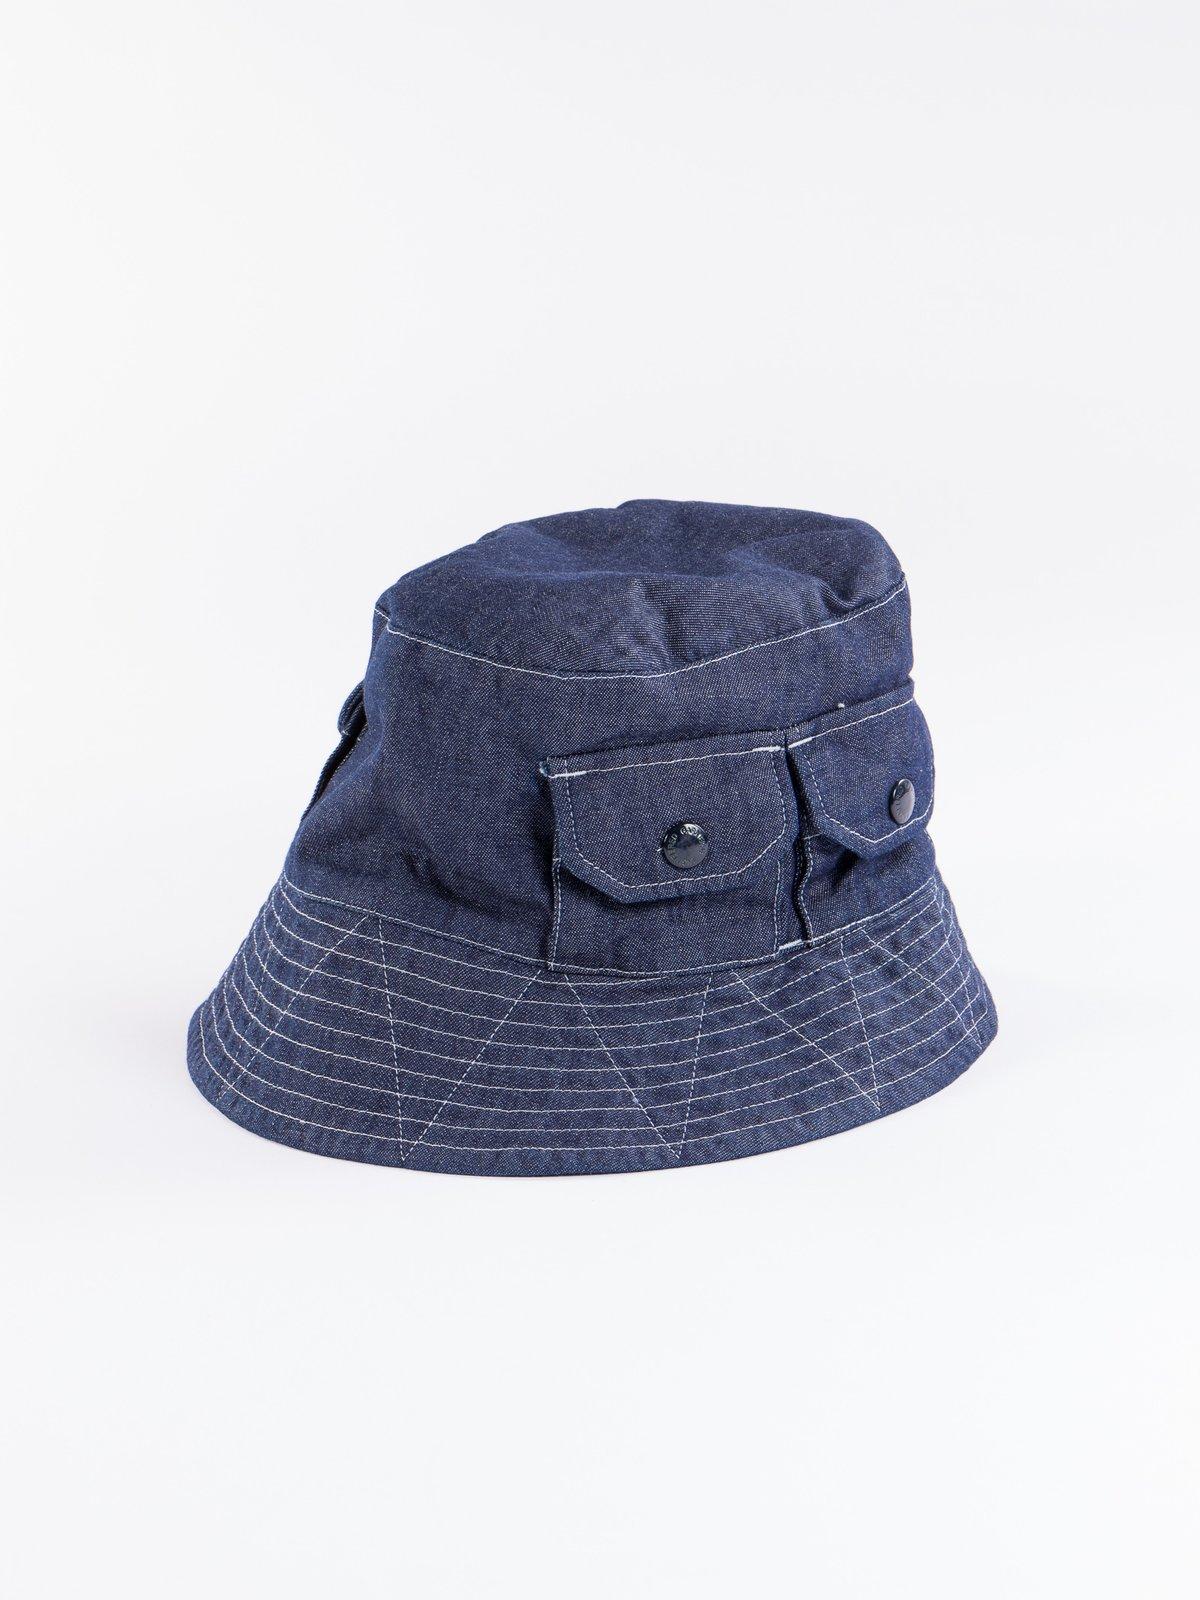 Indigo 8oz Cone Denim Explorer Hat - Image 3